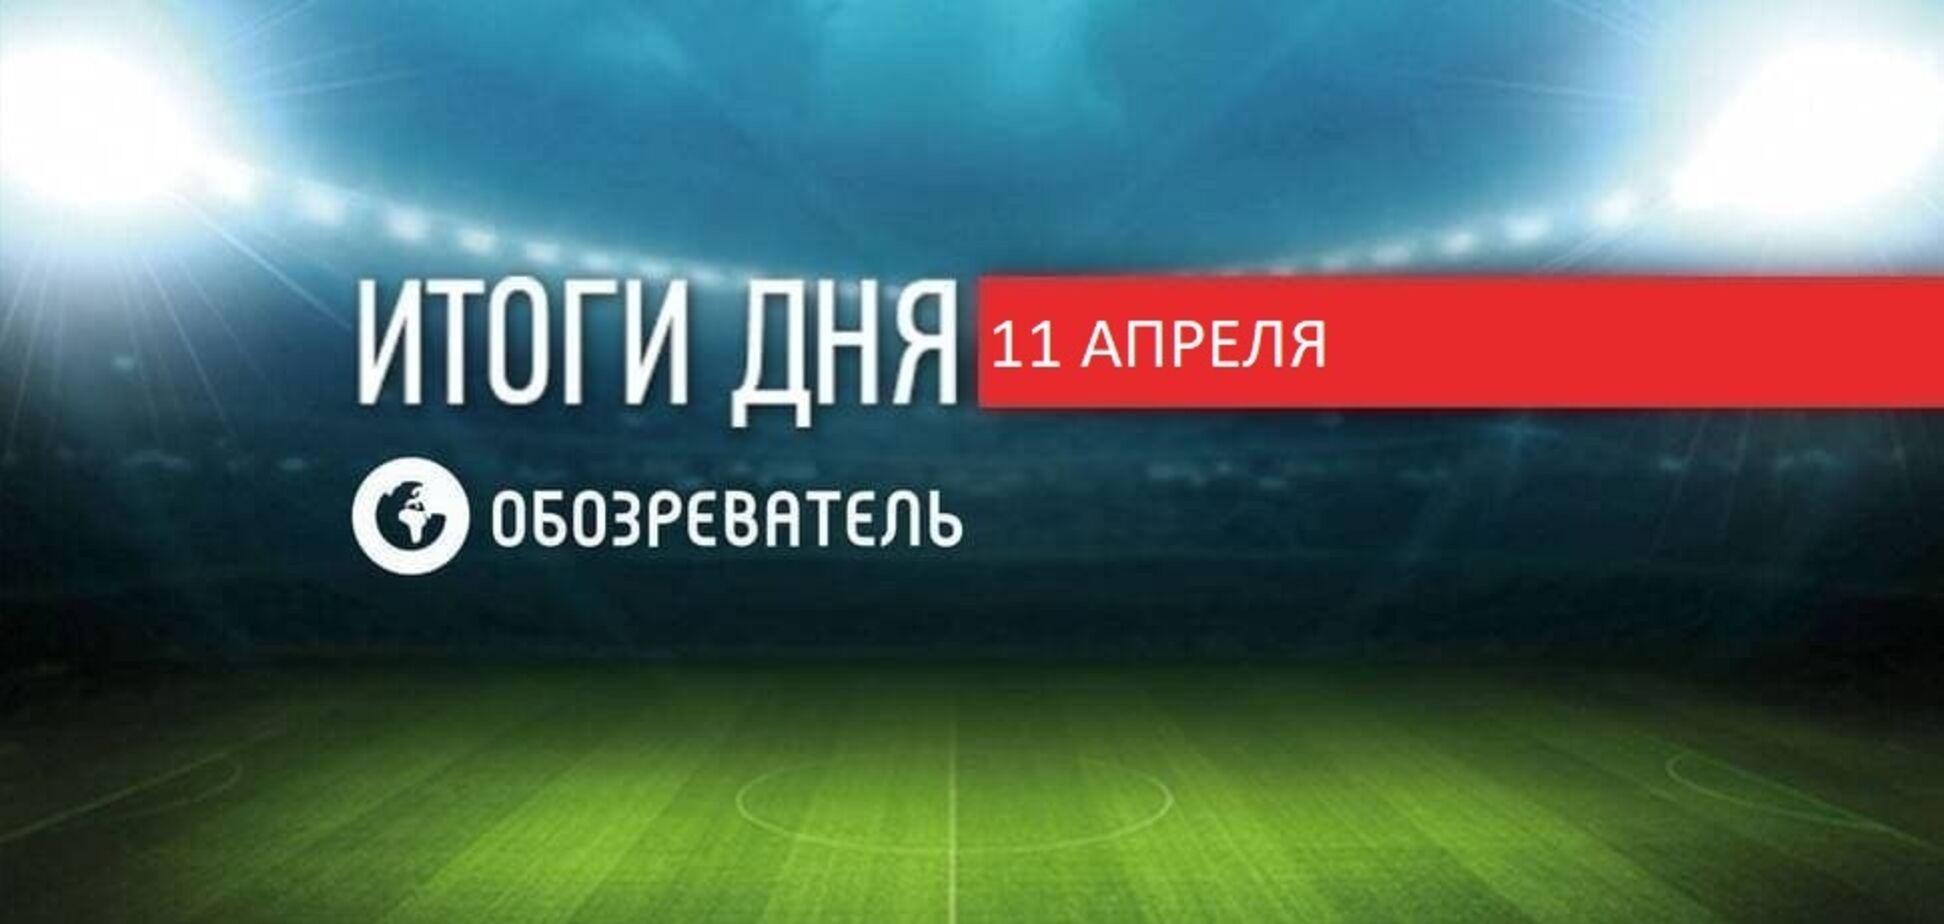 Новости спорта 11 апреля: победы украинских боксеров, откровения Милевского и Усика